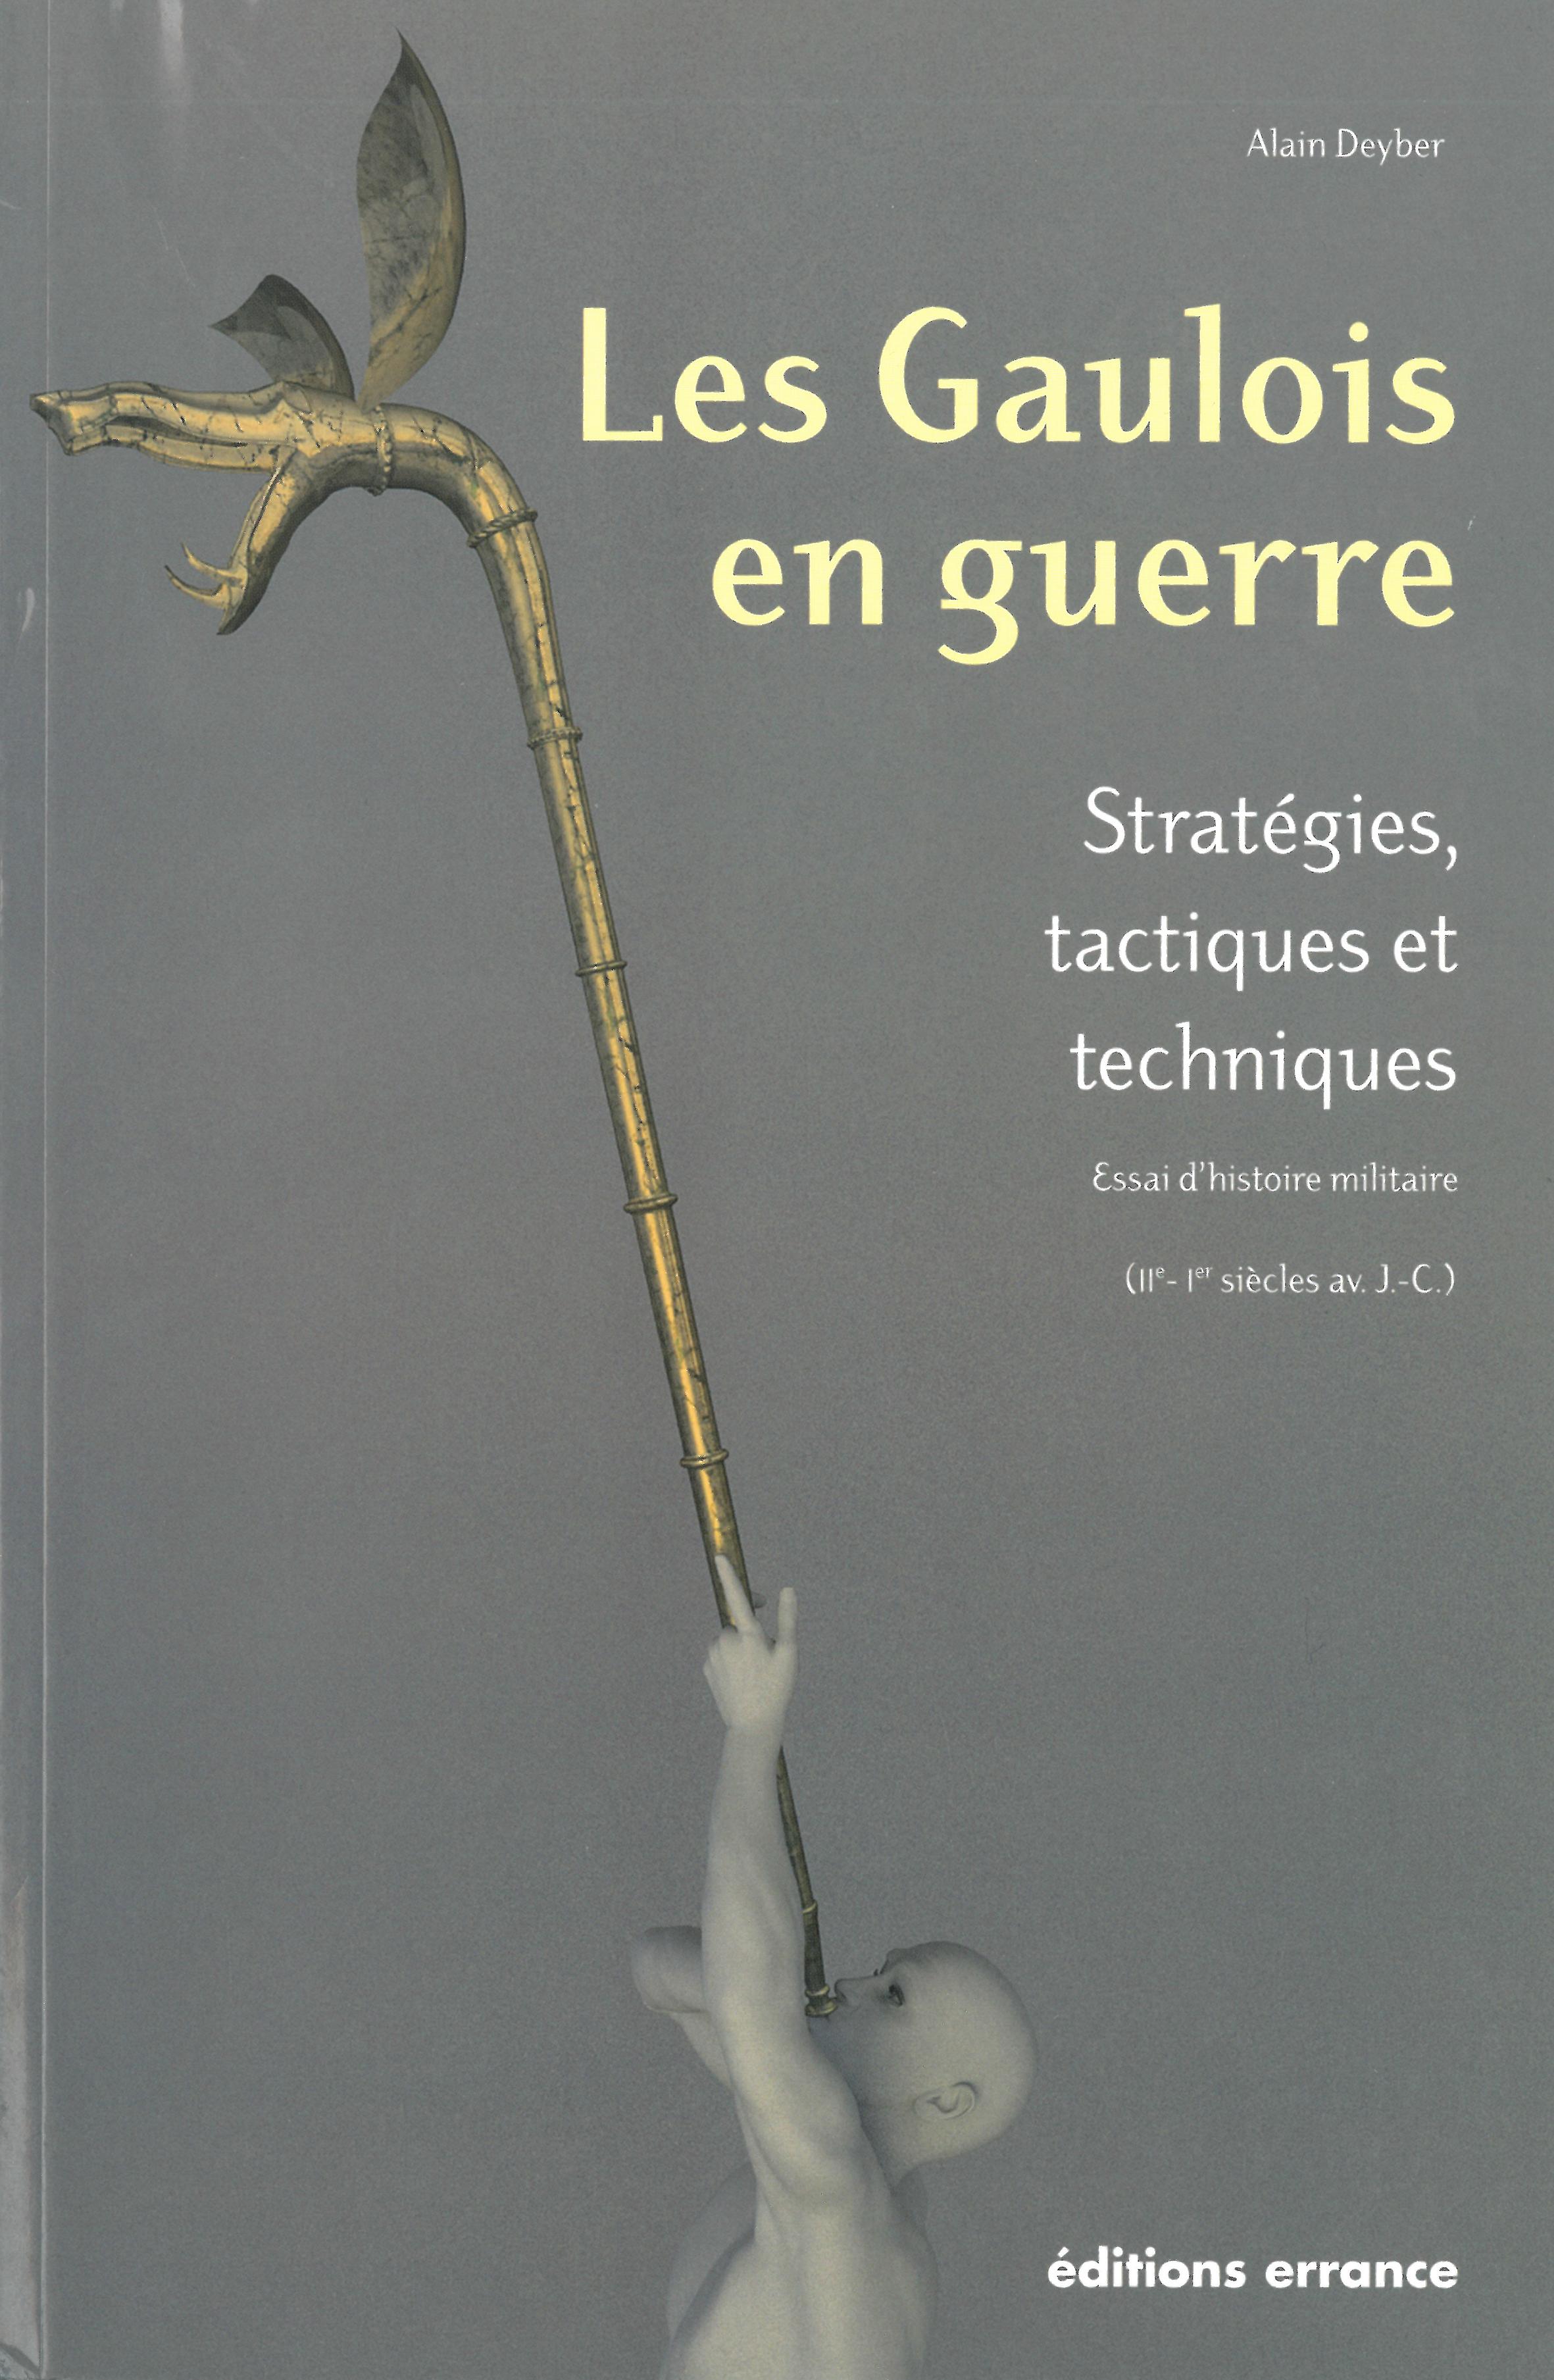 Les gaulois en guerre – Stratégies, tactiques et techniques